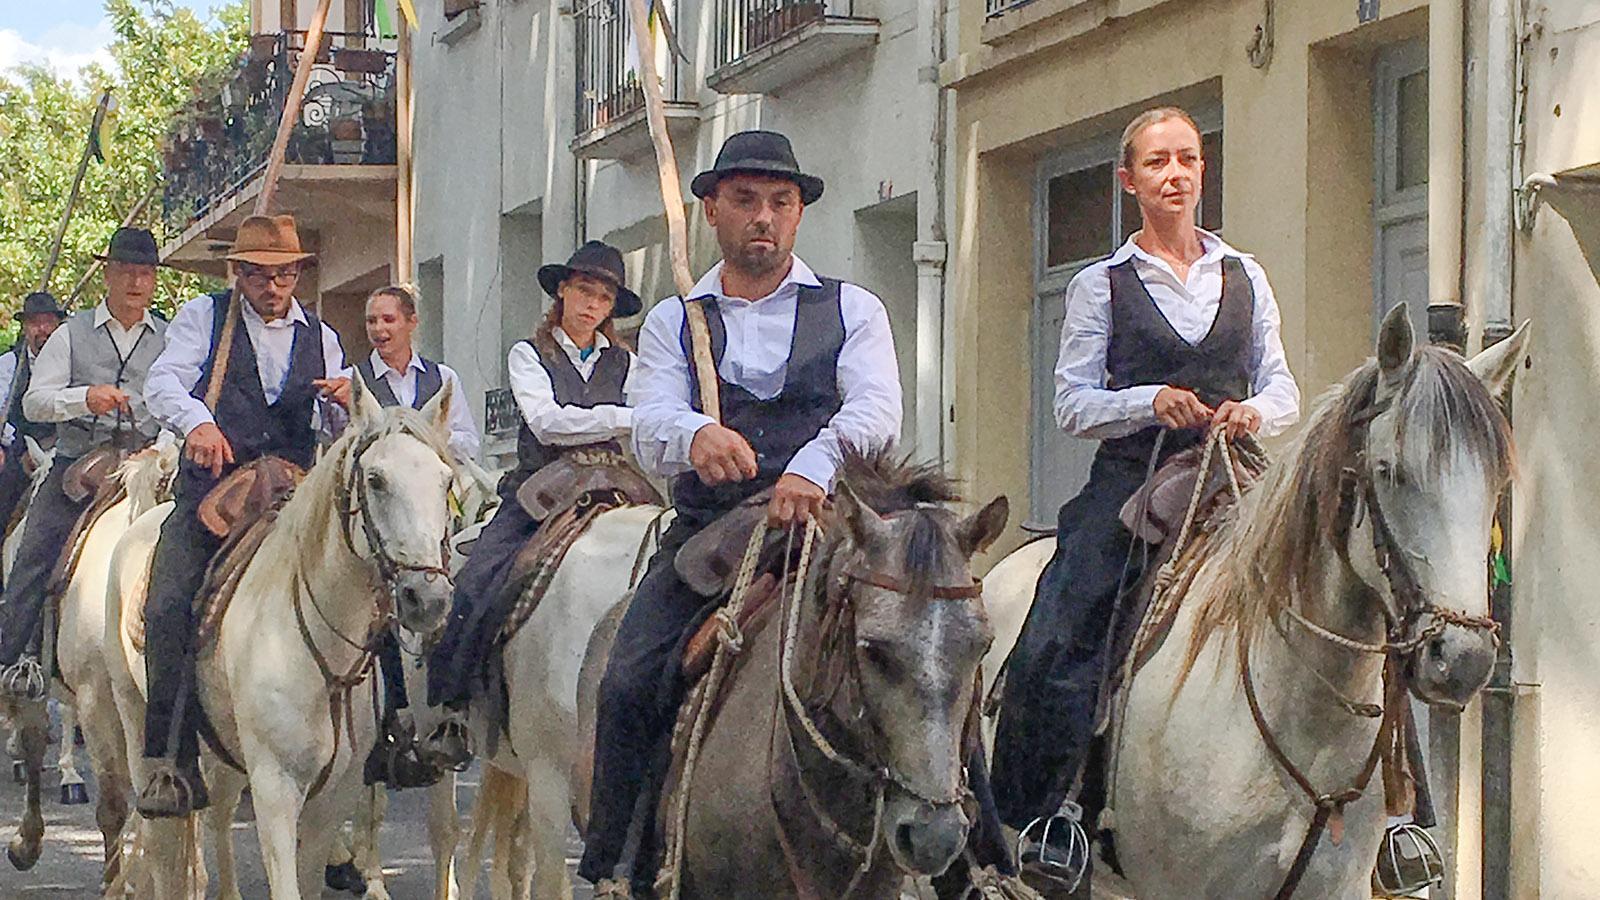 Mit dem Einzug der Reiter und Reiterinnen beginnt in Millas die Feria. Foto: Hilke Maunder